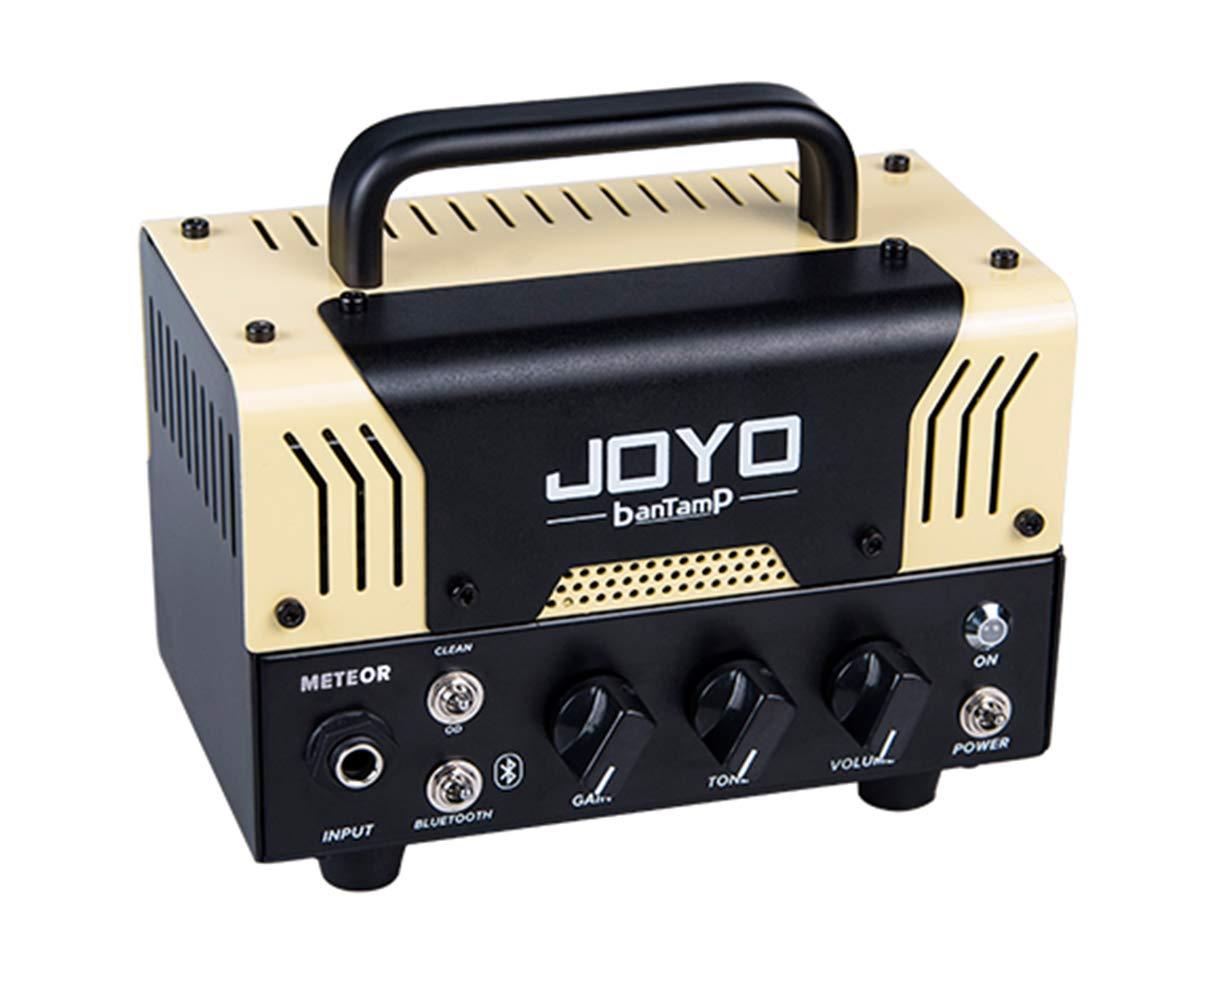 Amazon.com: JOYO Meteor Amplificador de 20W ...